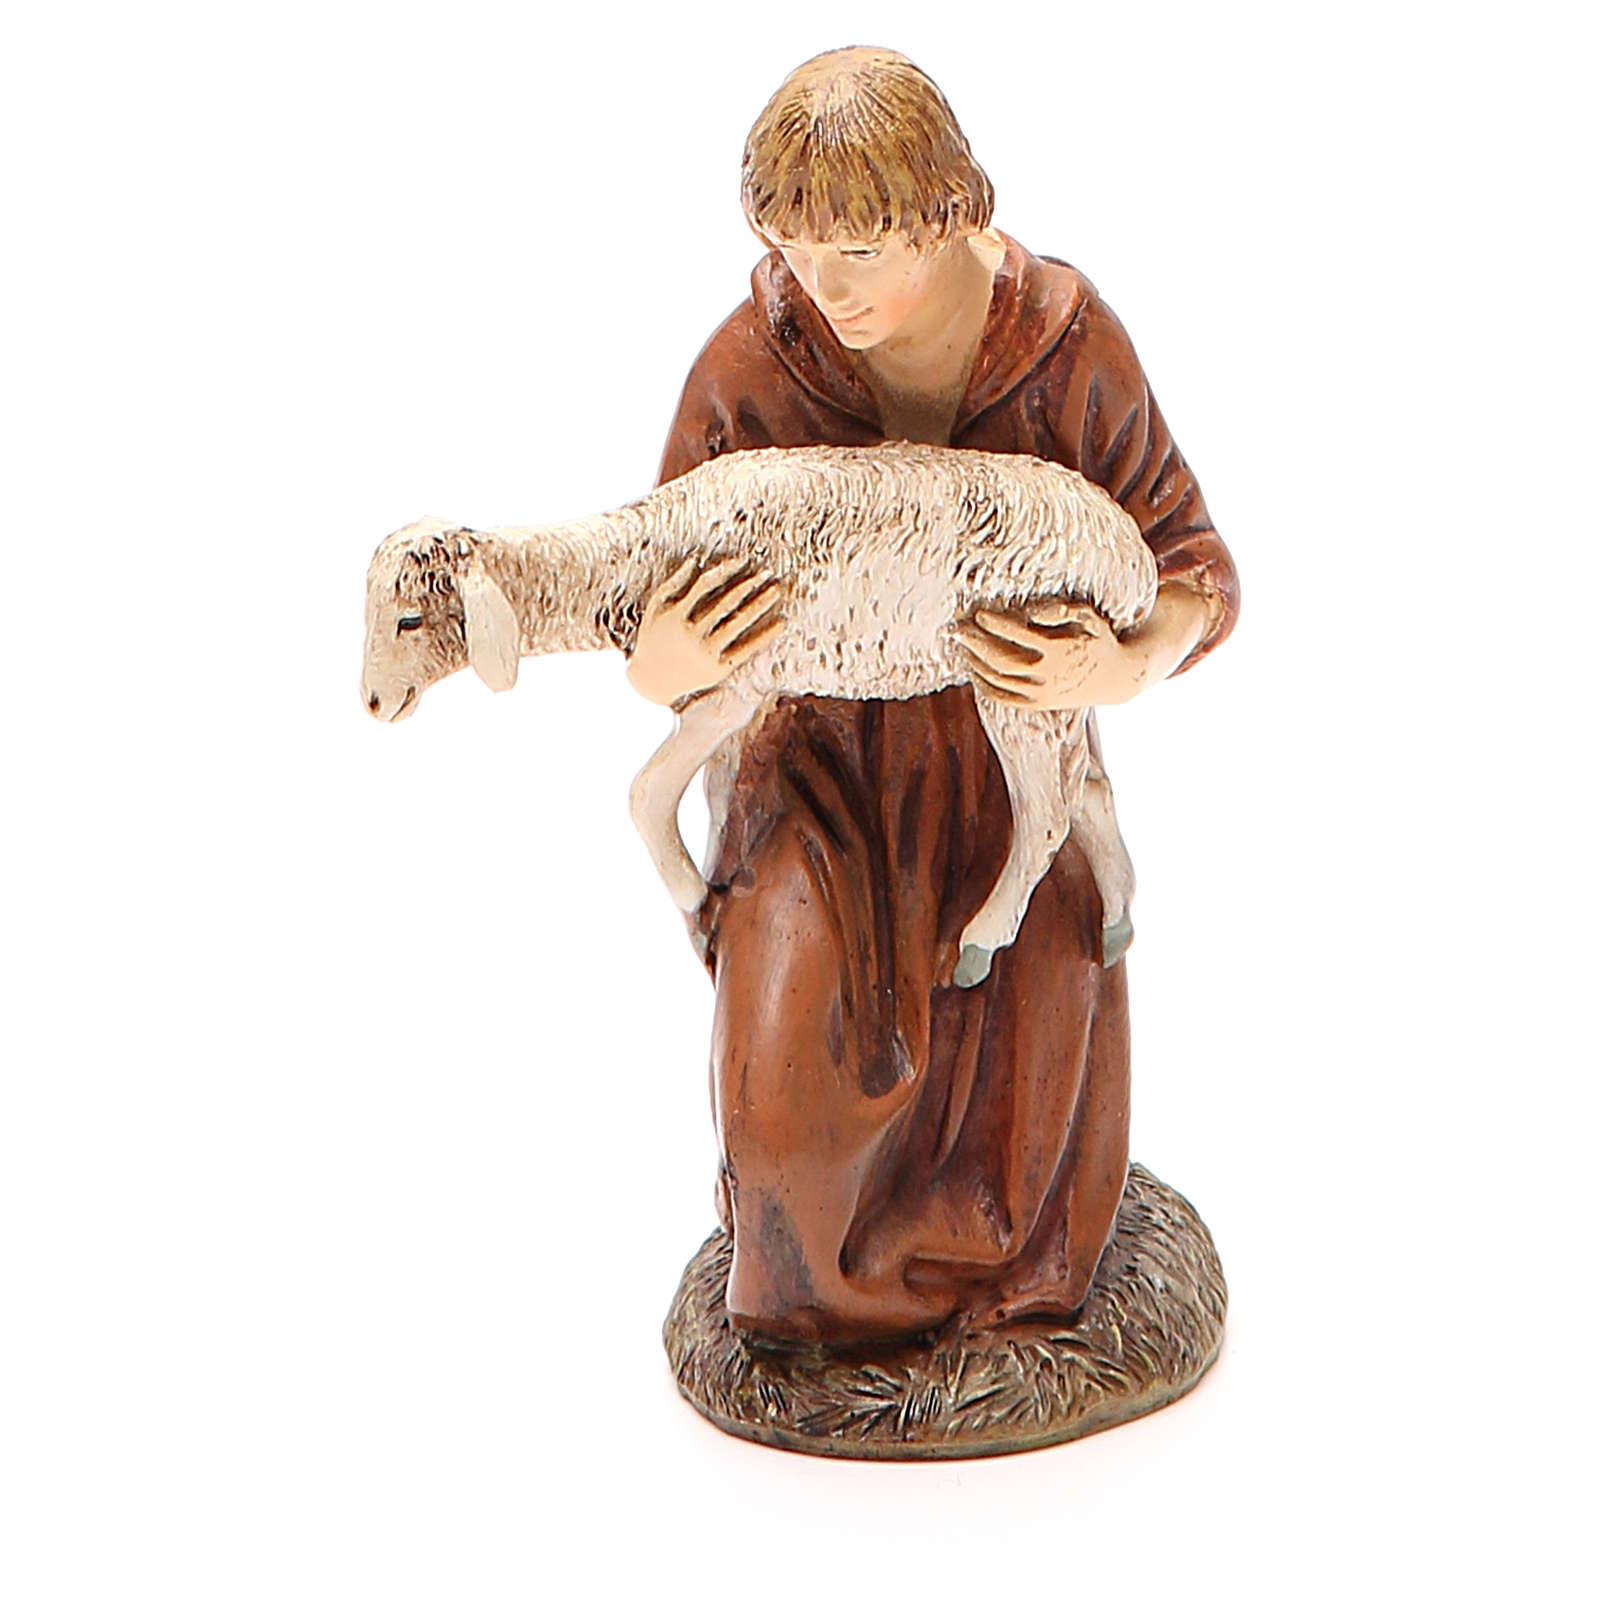 Nativity scene statue shepherd kneeling with lamb painted in resin Martino Landi brand 3